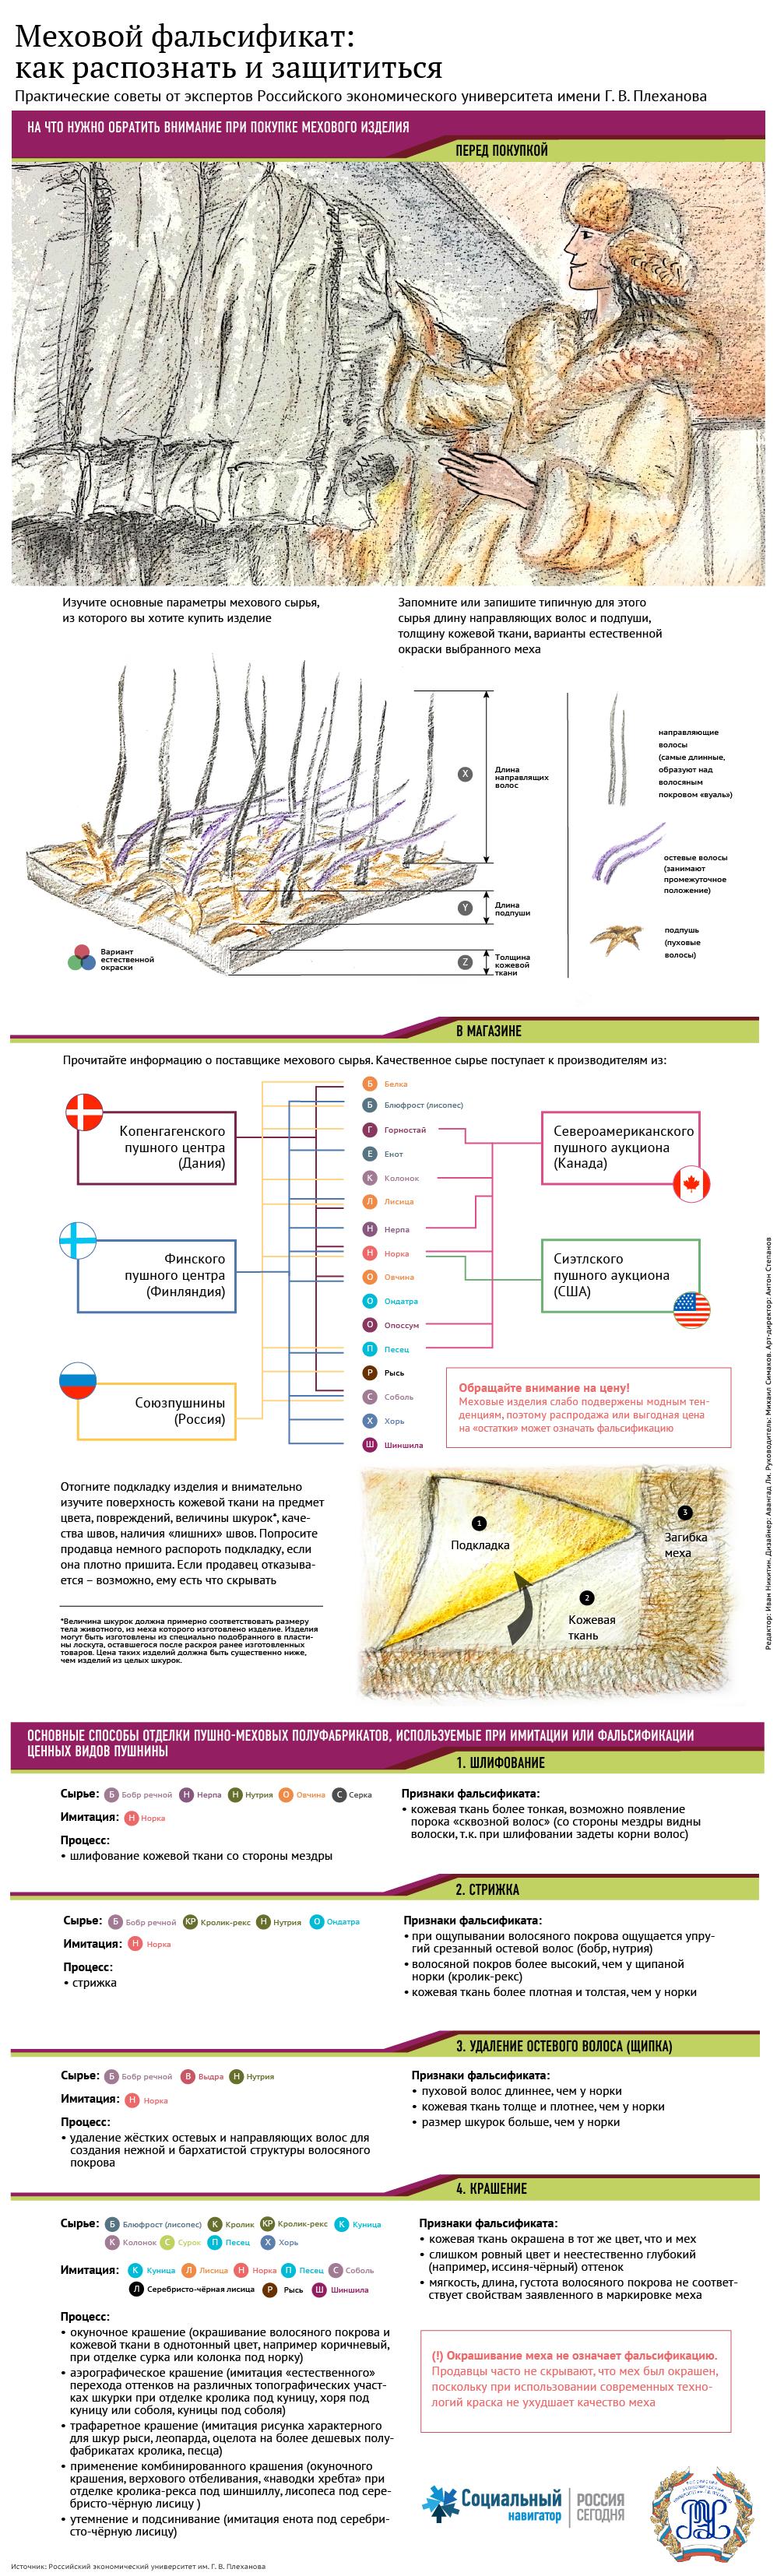 Меховой фальсификат: как защититься - Sputnik Латвия